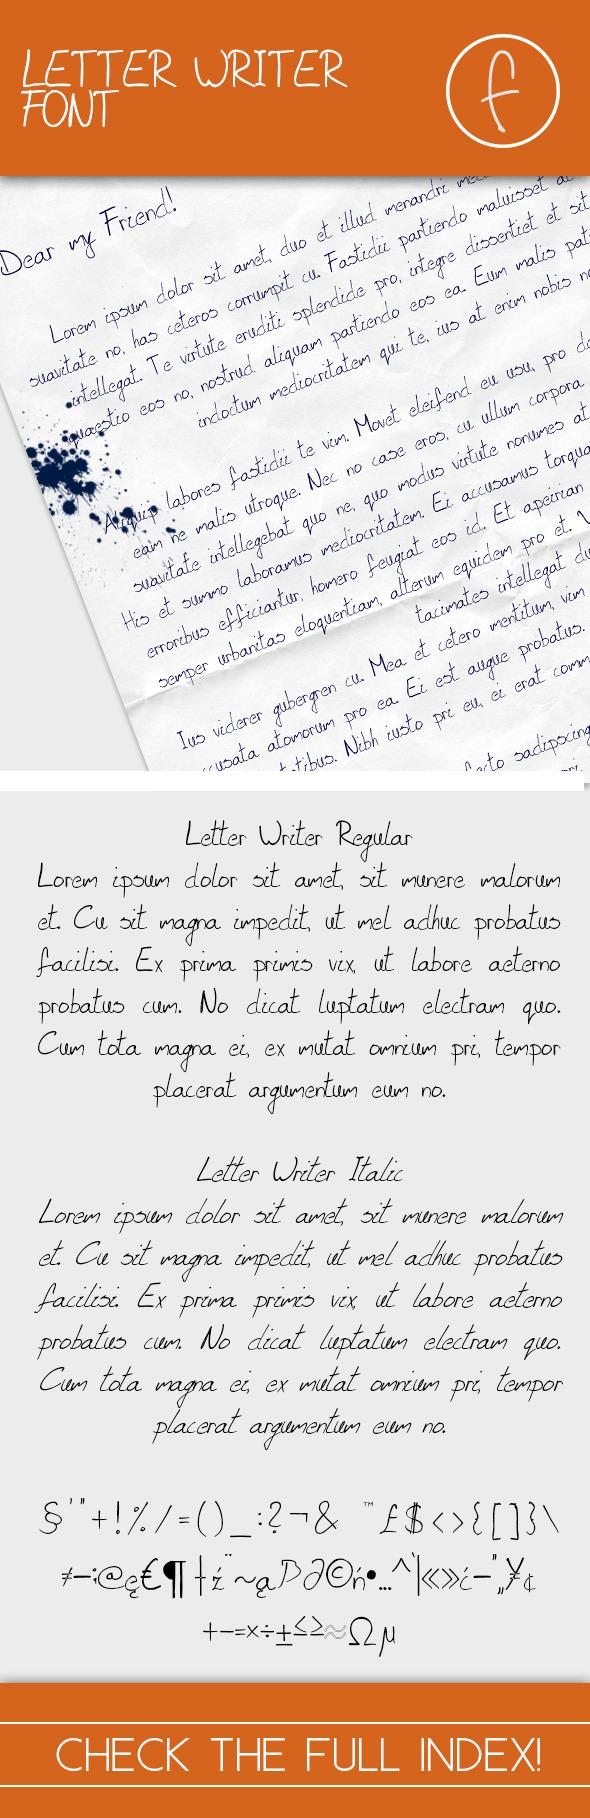 Letter Writer Font - Regular & Italic - Fonts